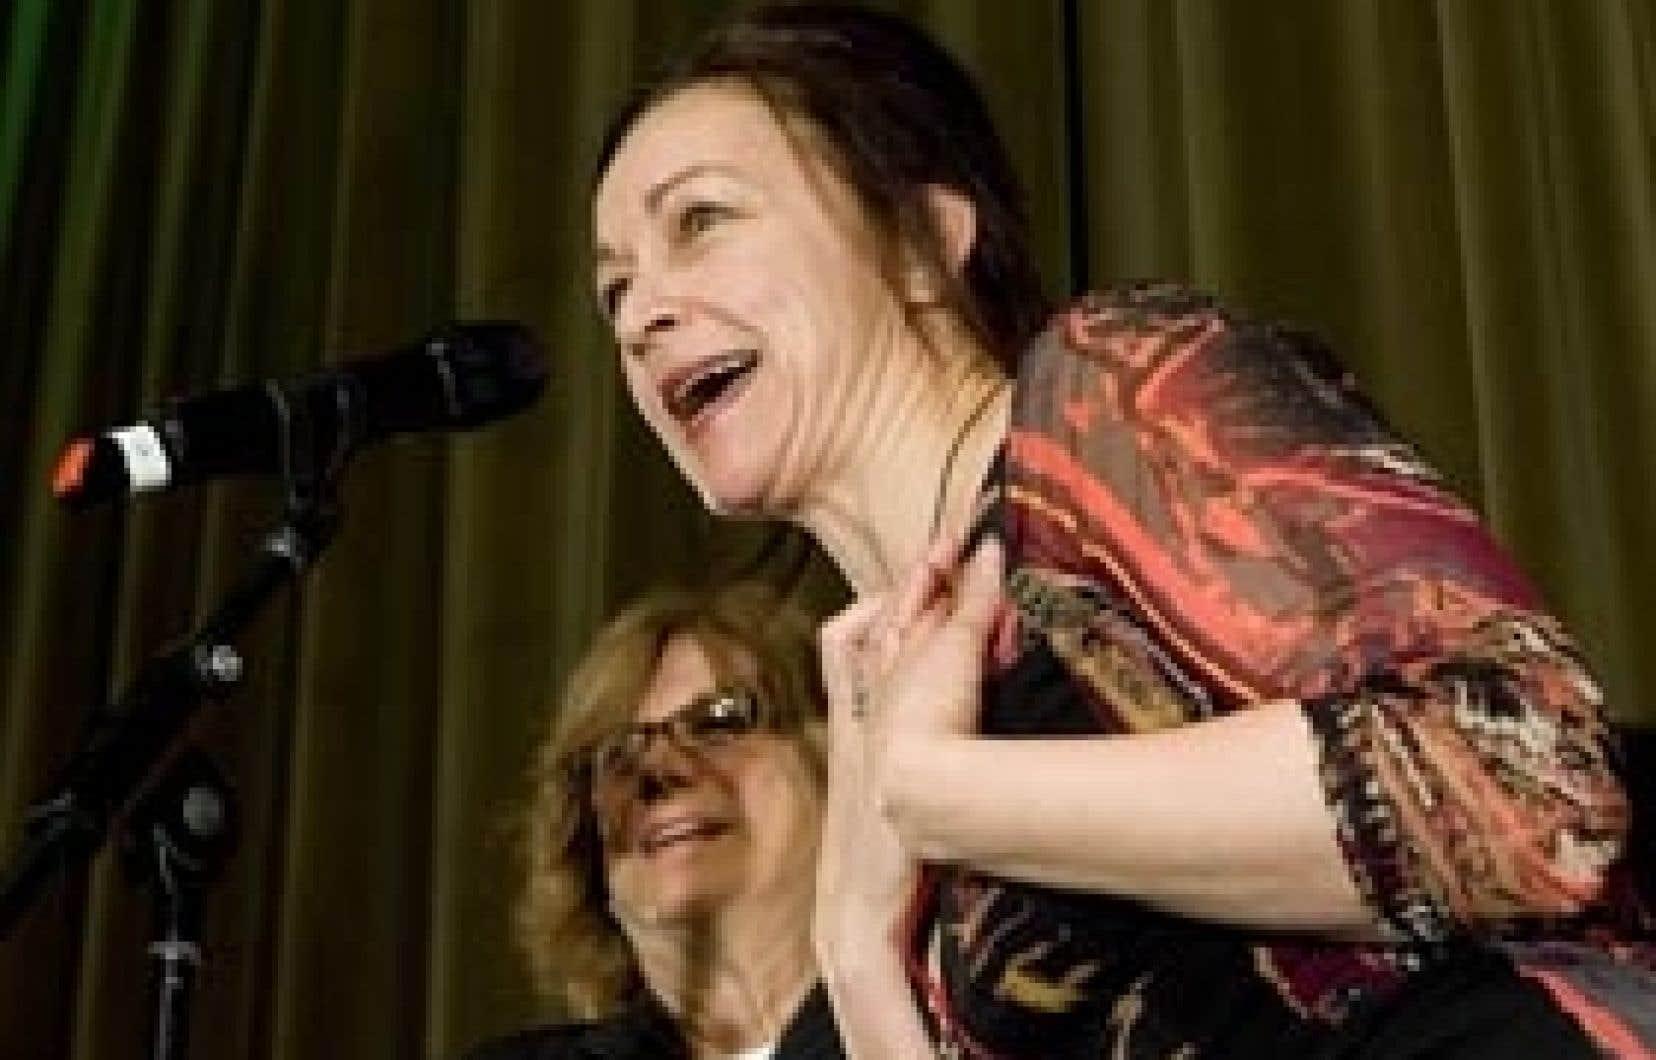 La comédienne Sylvie Drapeau s'est adressée au public réuni lors du dévoilement de la programmation de la saison 2009-10 du Rideau vert, devant la directrice artistique Denise Filiatrault.